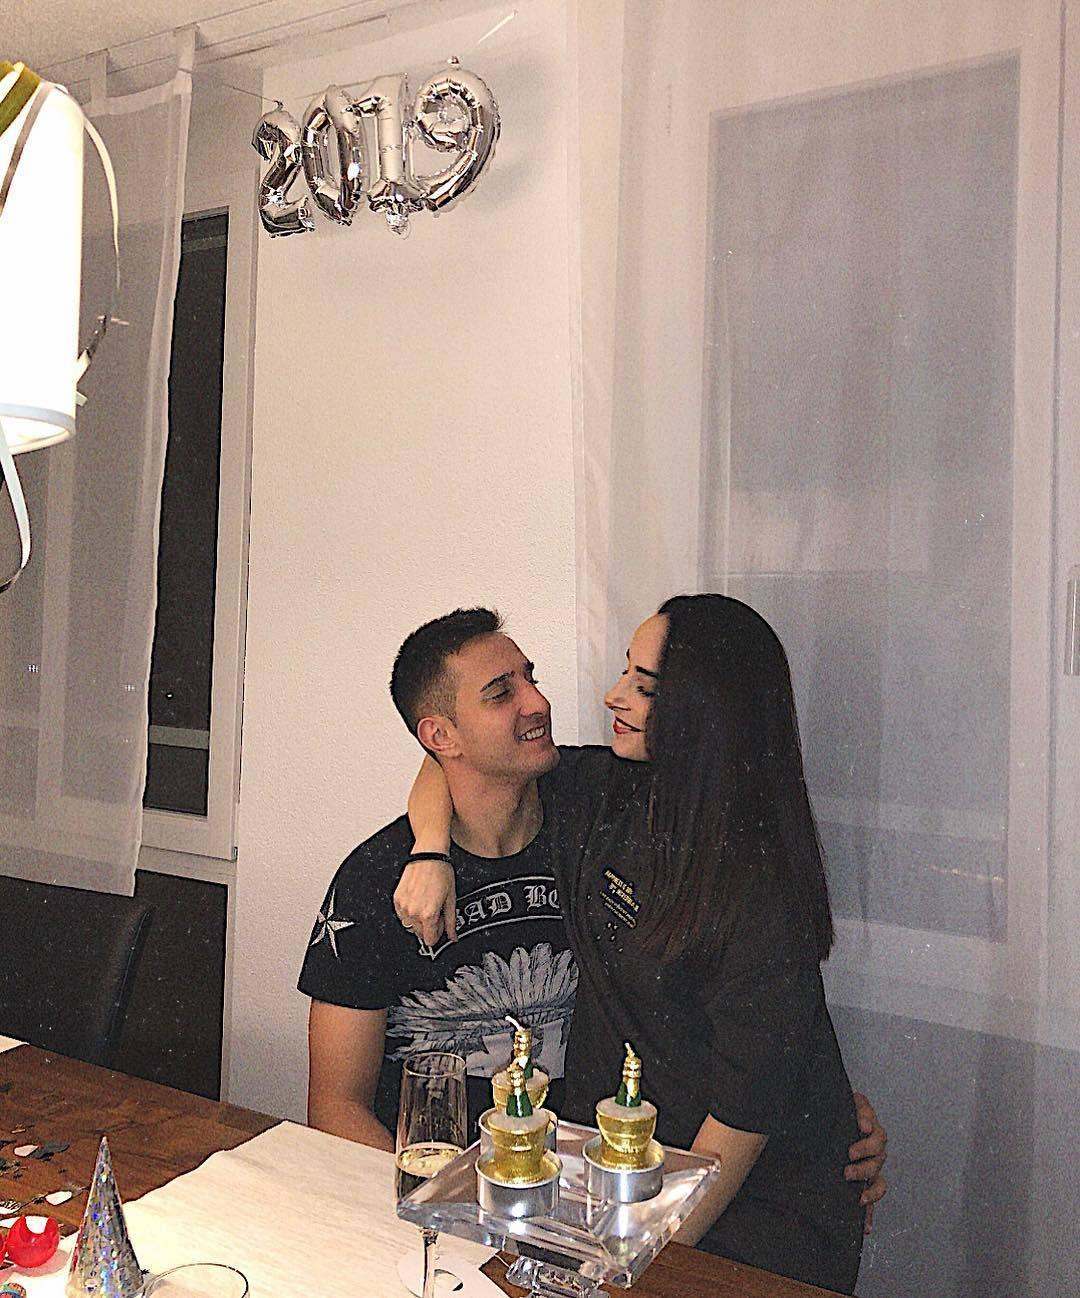 Žena dinamovca Gavranovića rodit će za 3 tjedna: 'Curica je'